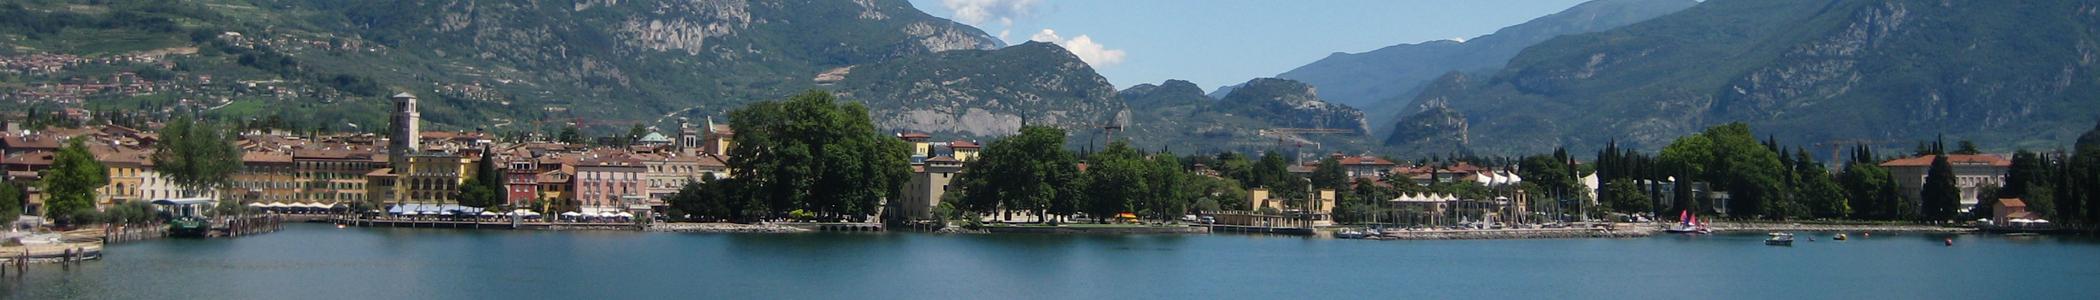 Riva del garda wikivoyage guida turistica di viaggio - Riva barche sito ufficiale ...